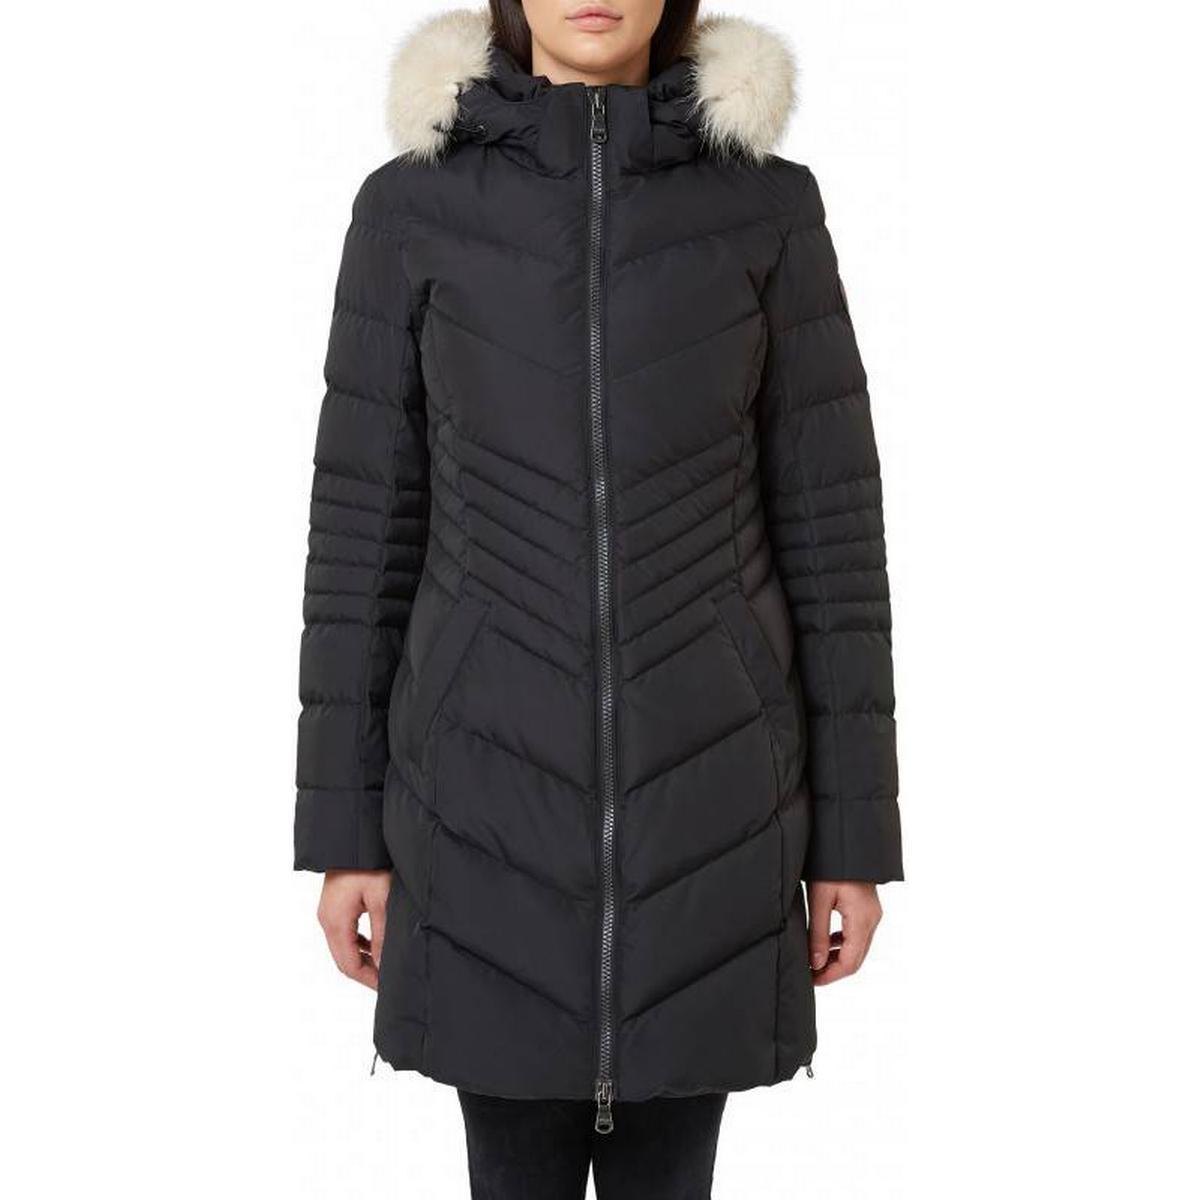 050e0253c0ac Dunfrakke Dametøj - Sammenlign priser hos PriceRunner